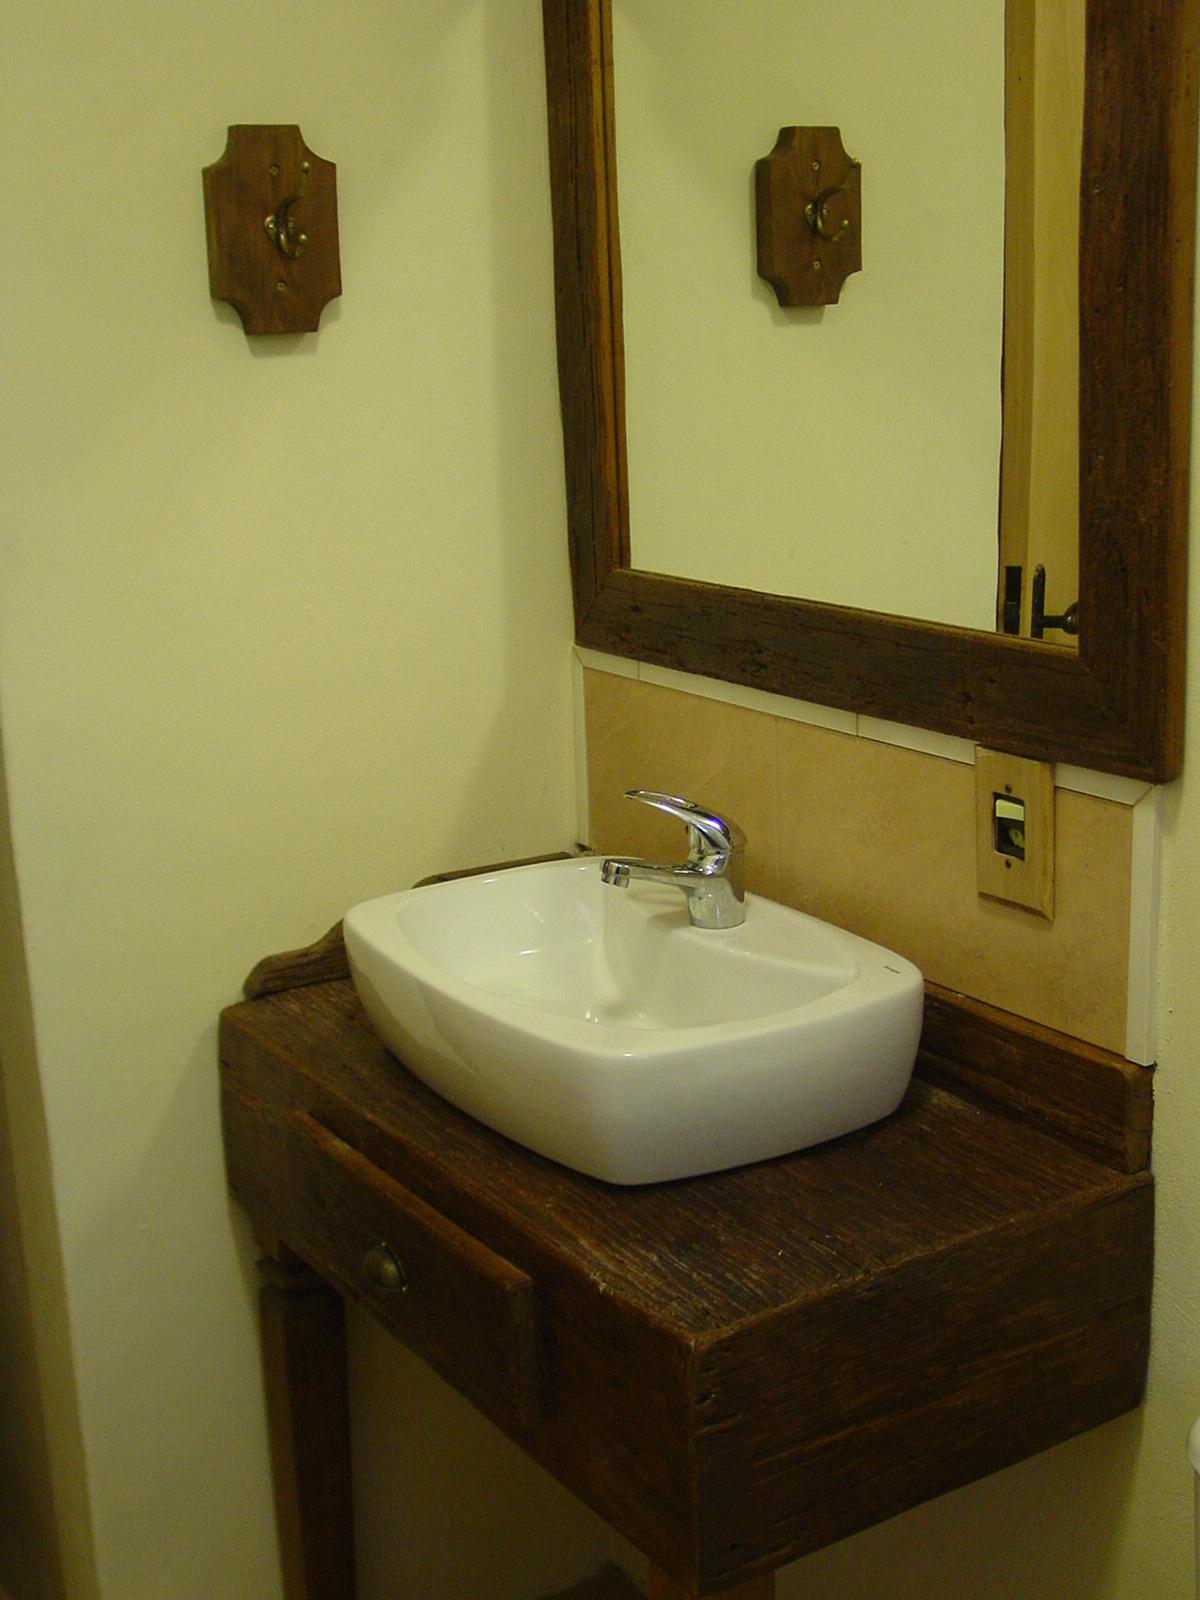 Com Arte e Amor Banheiro rústico e moderno -> Cuba Para Banheiro Rustica